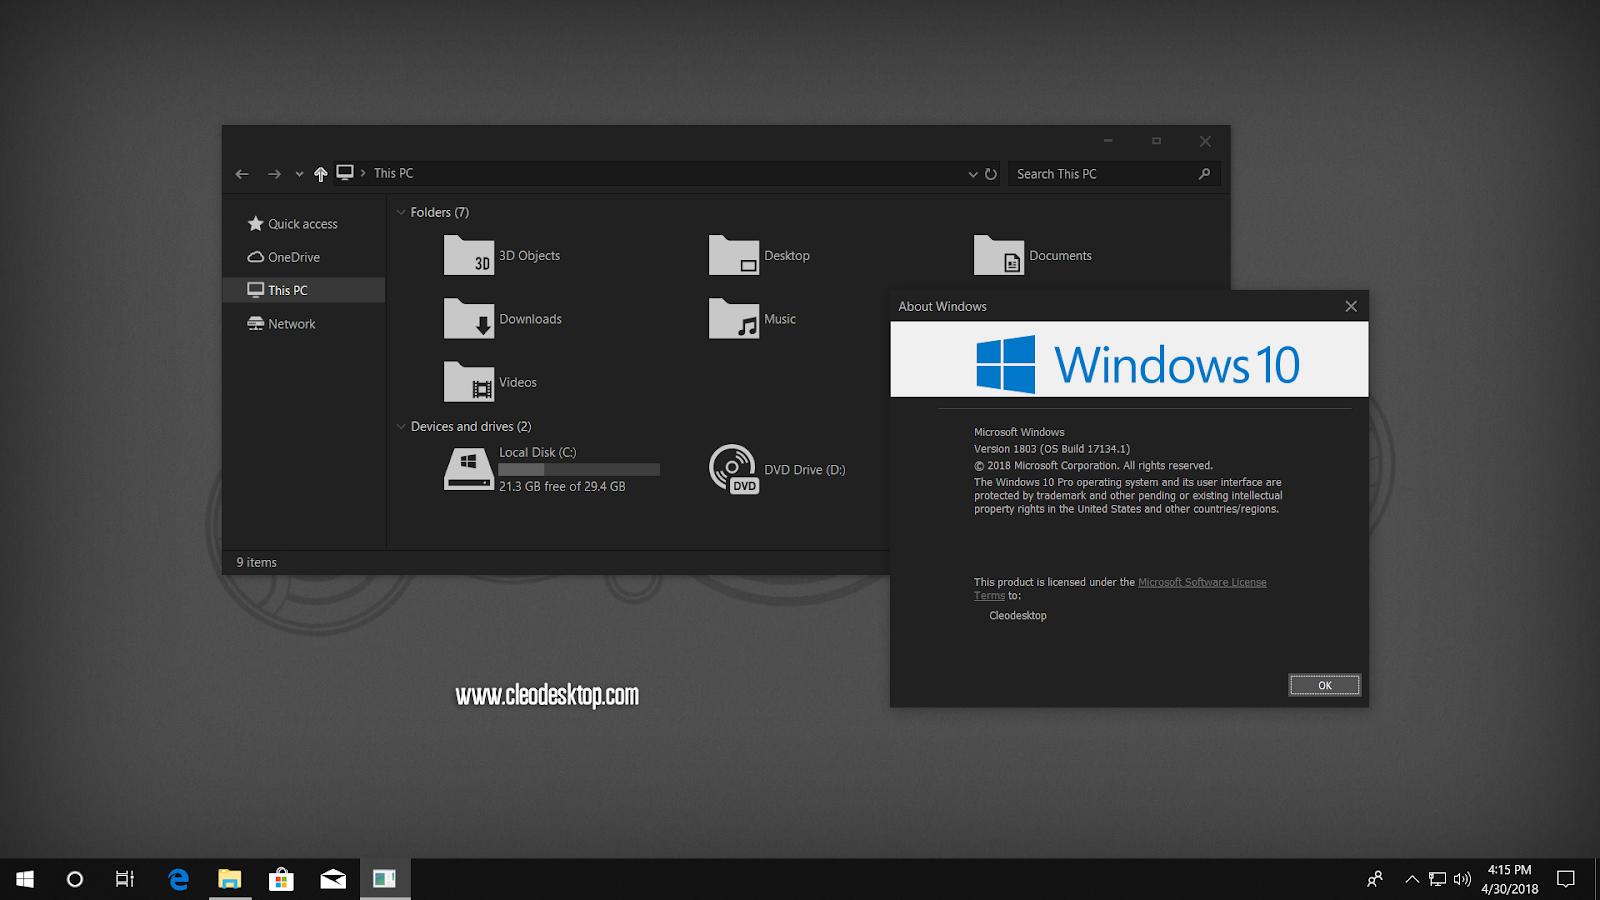 UxThemePatcher For Windows10 April 2018 Update 1803 - Cleodesktop I